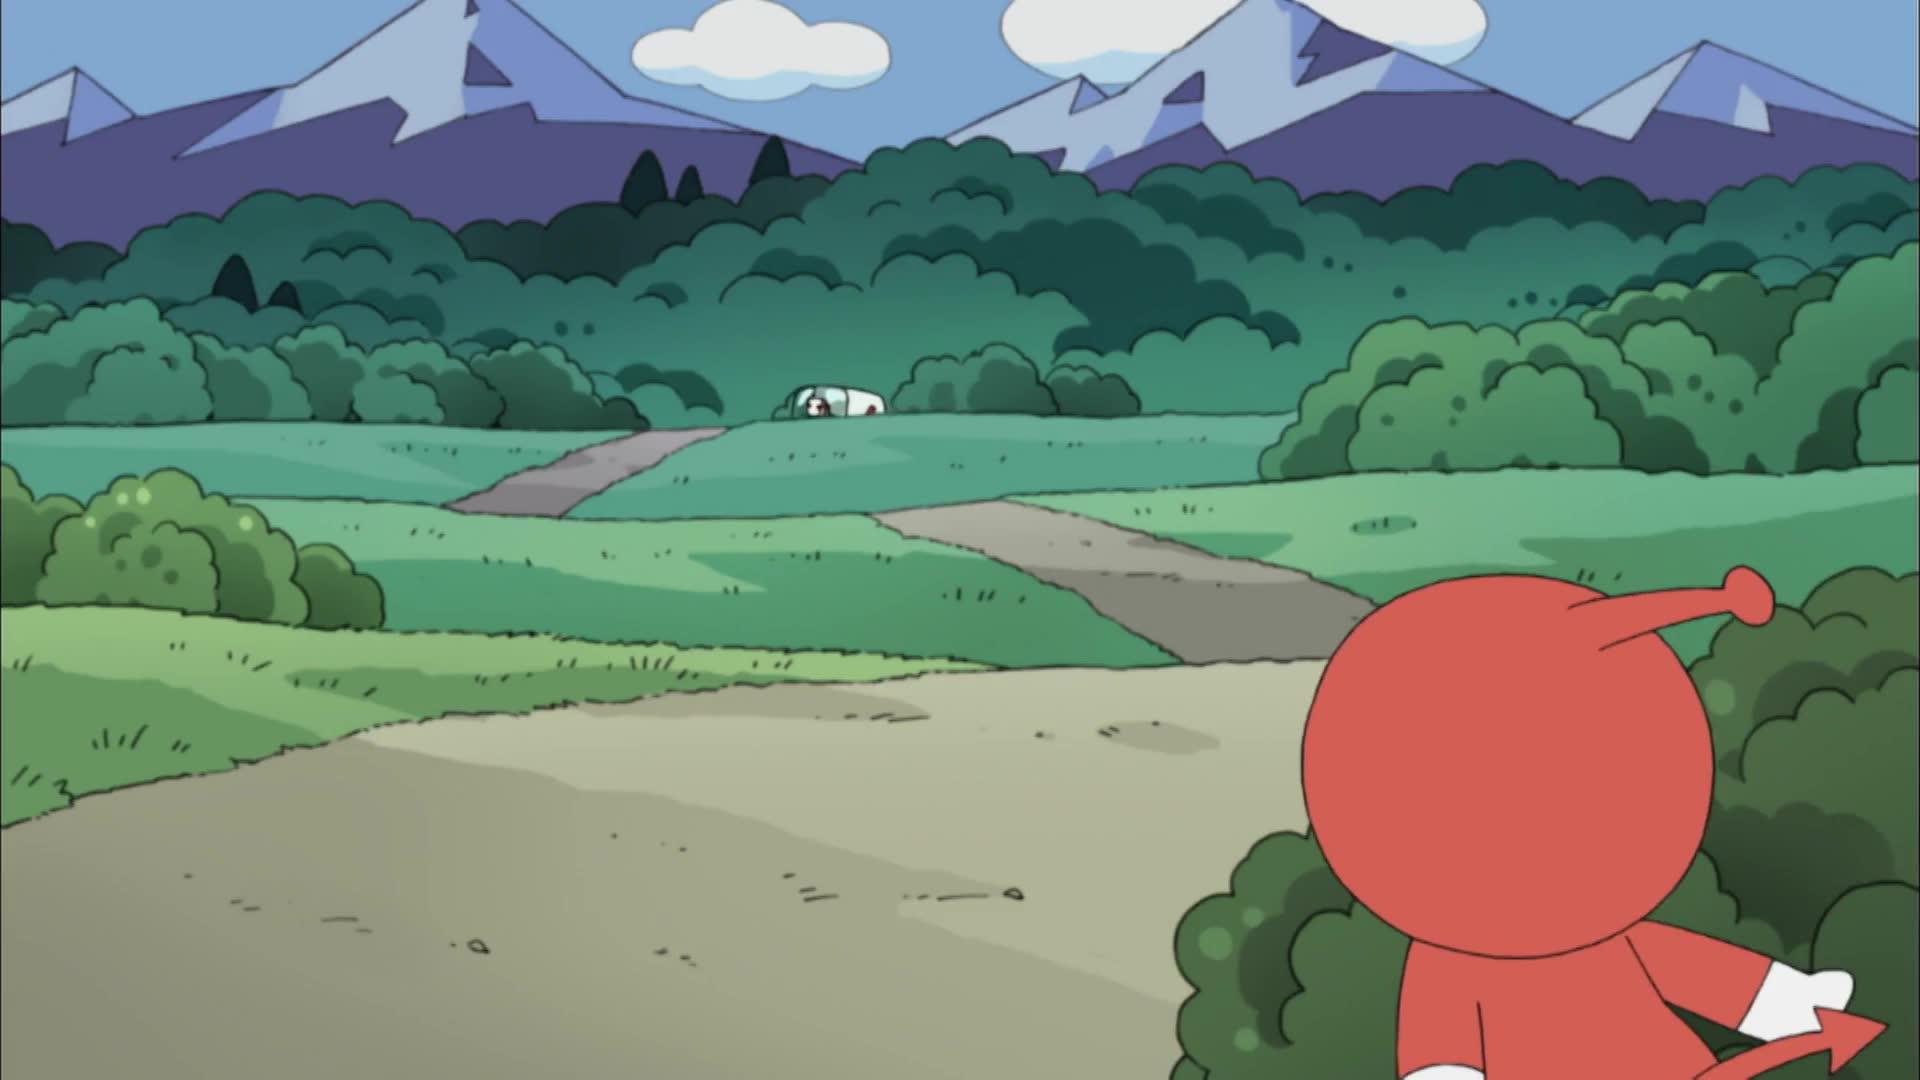 17화 식빵맨과 아가도넛